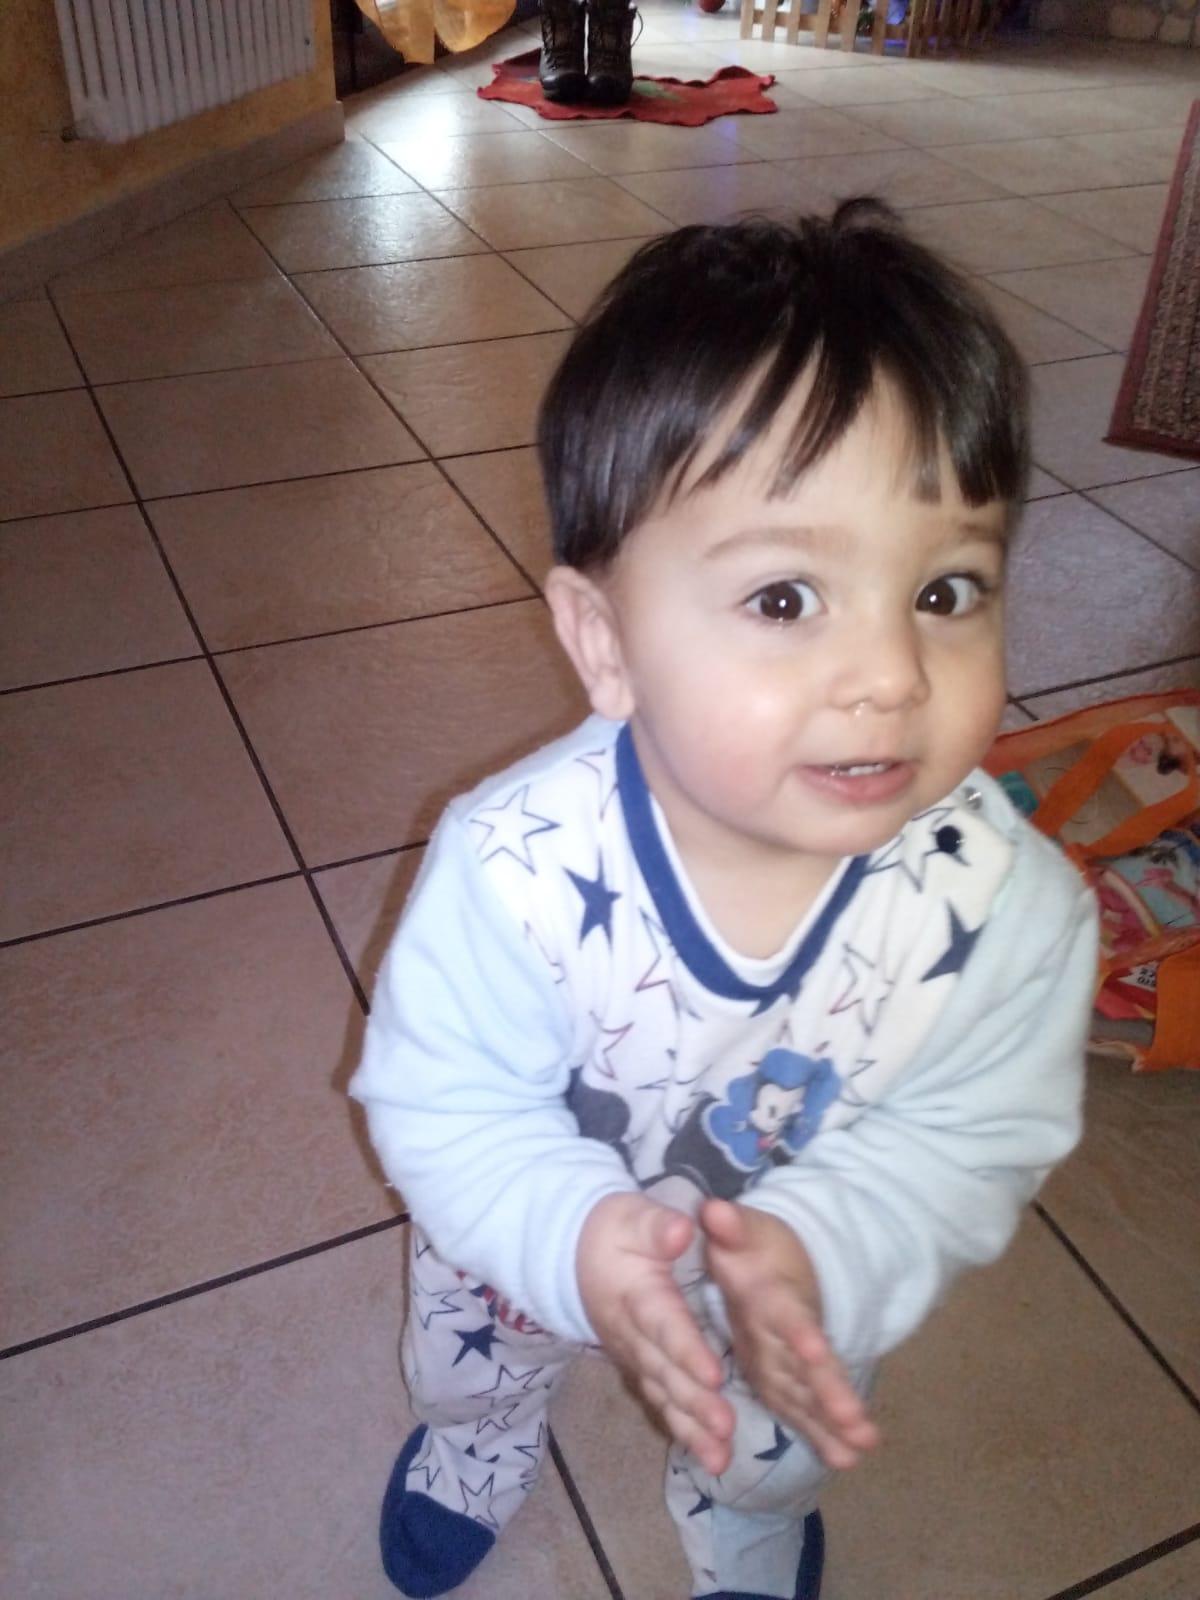 L'Angolo degli auguri: festeggiamo quest'oggi il primo compleanno del piccolo Antonio Di Sandro.